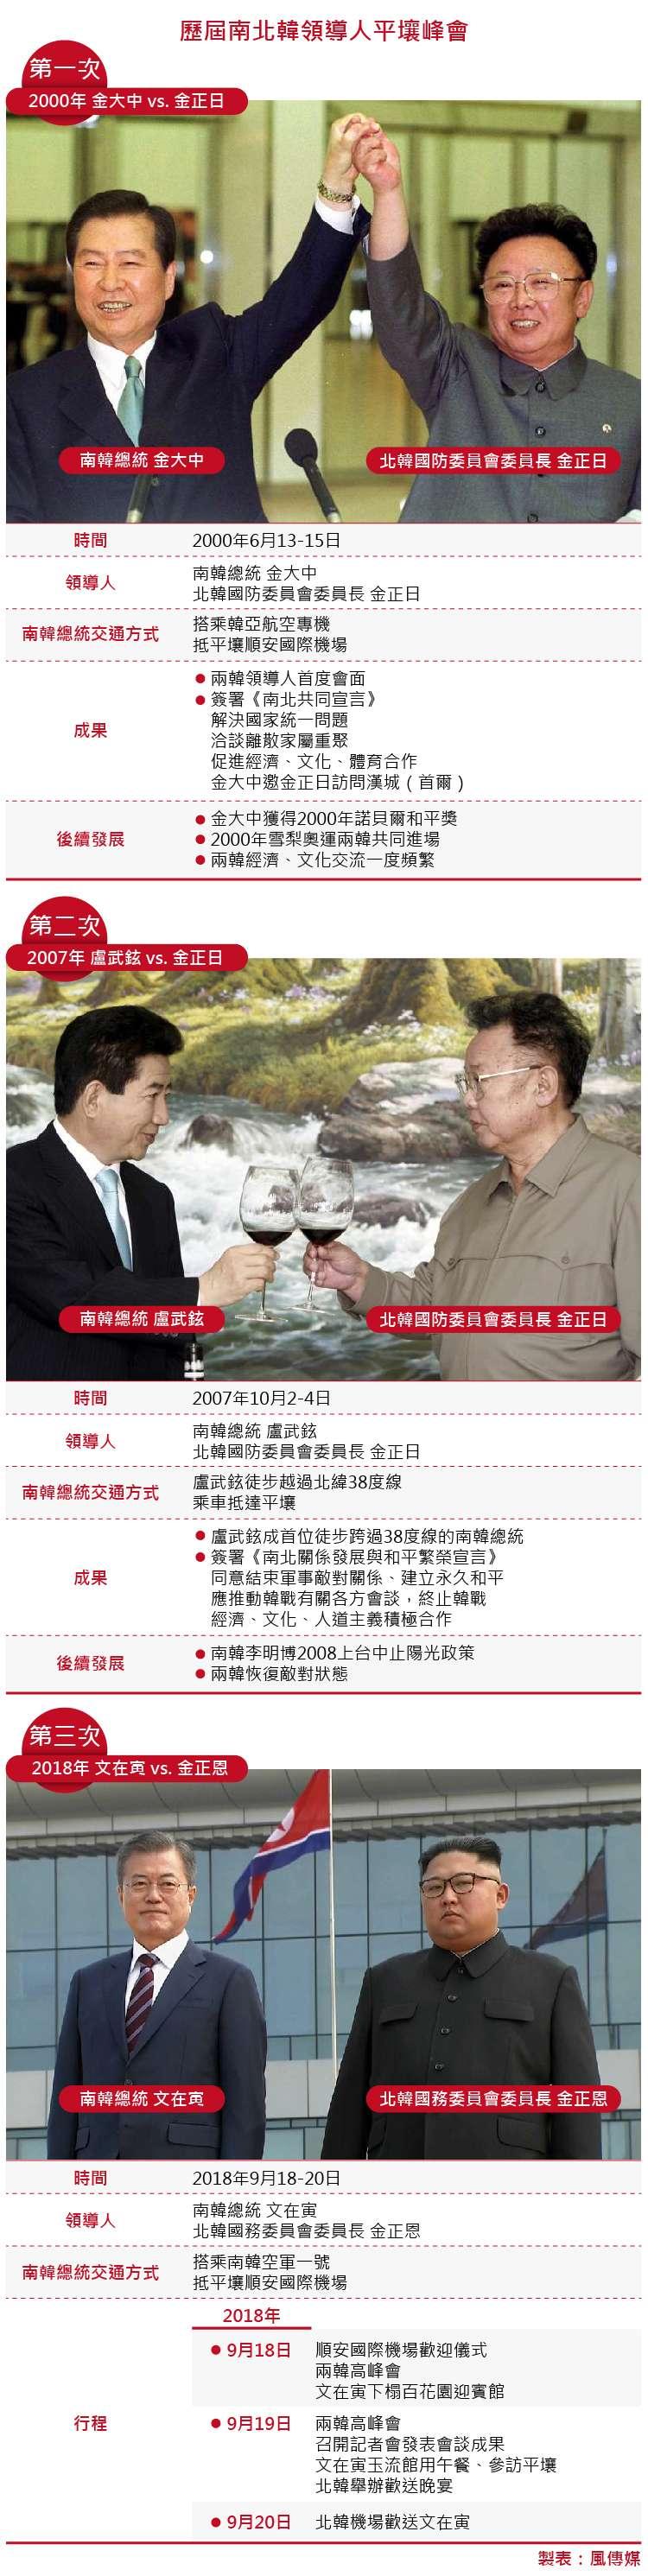 歷屆南北韓領導人平壤峰會。(風傳媒製圖) 文金會 兩韓高峰會、平壤高峰會 文金三會